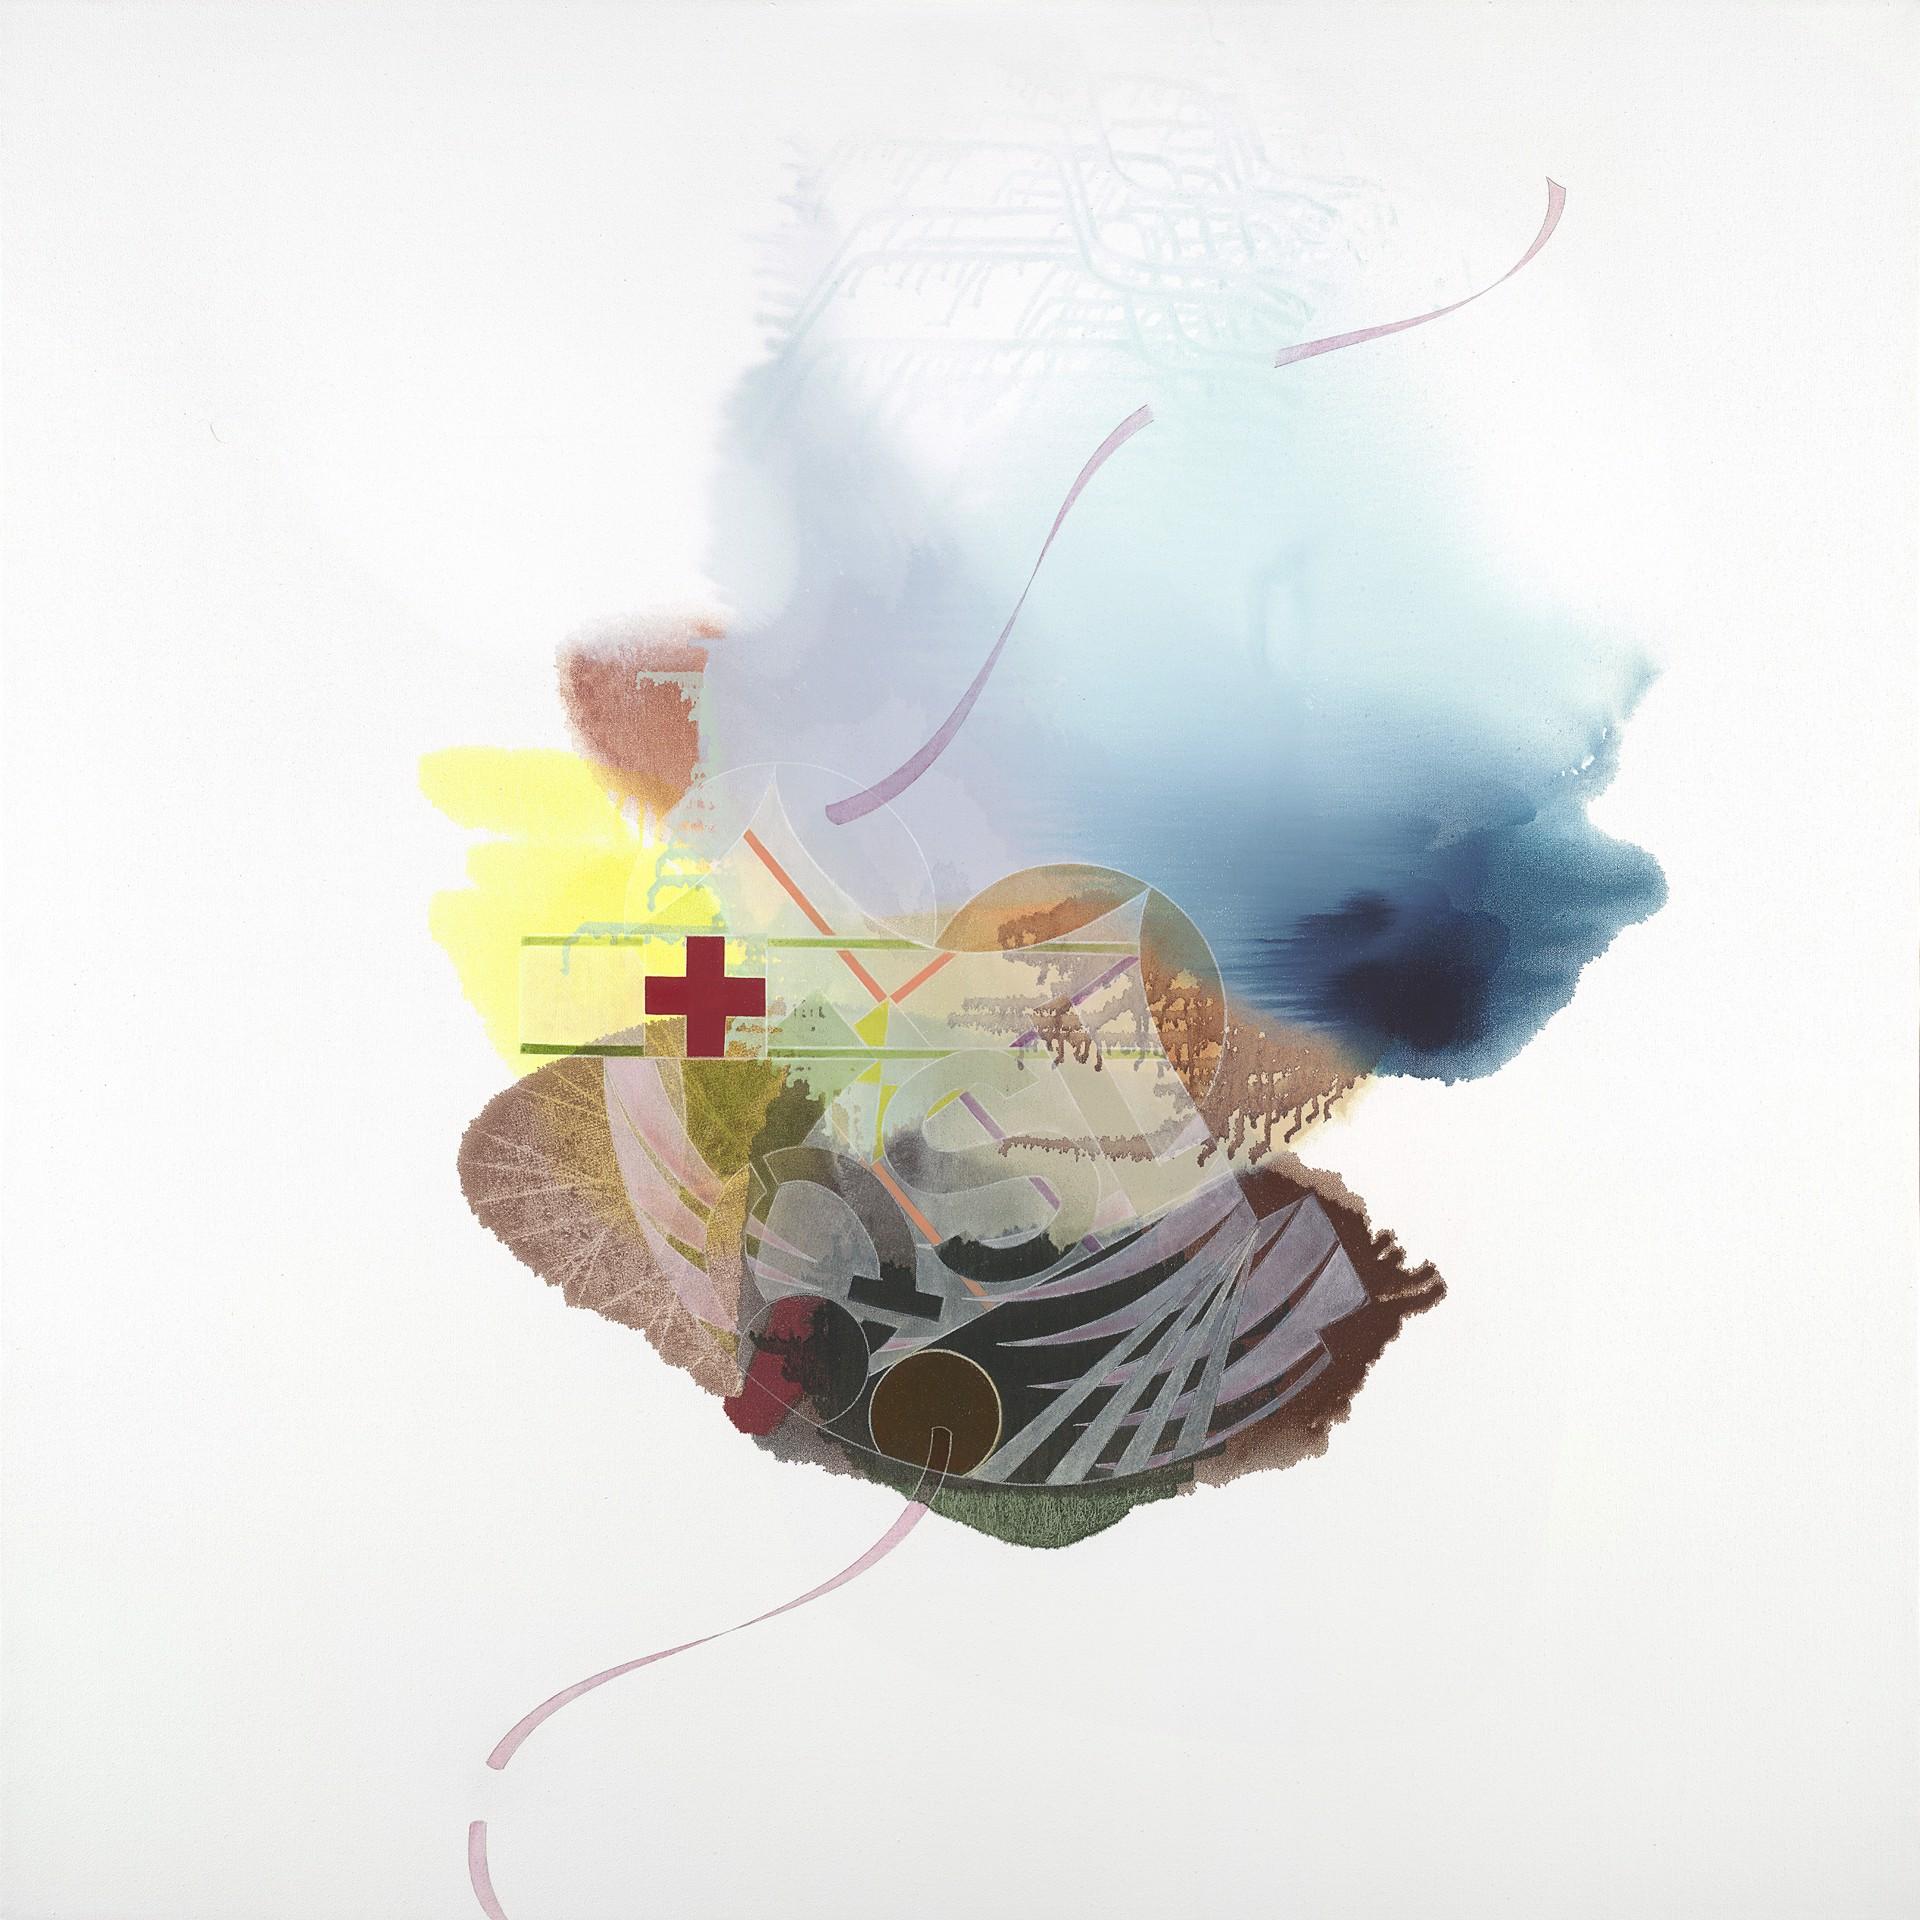 Analog Impasse by Kuzana Ogg